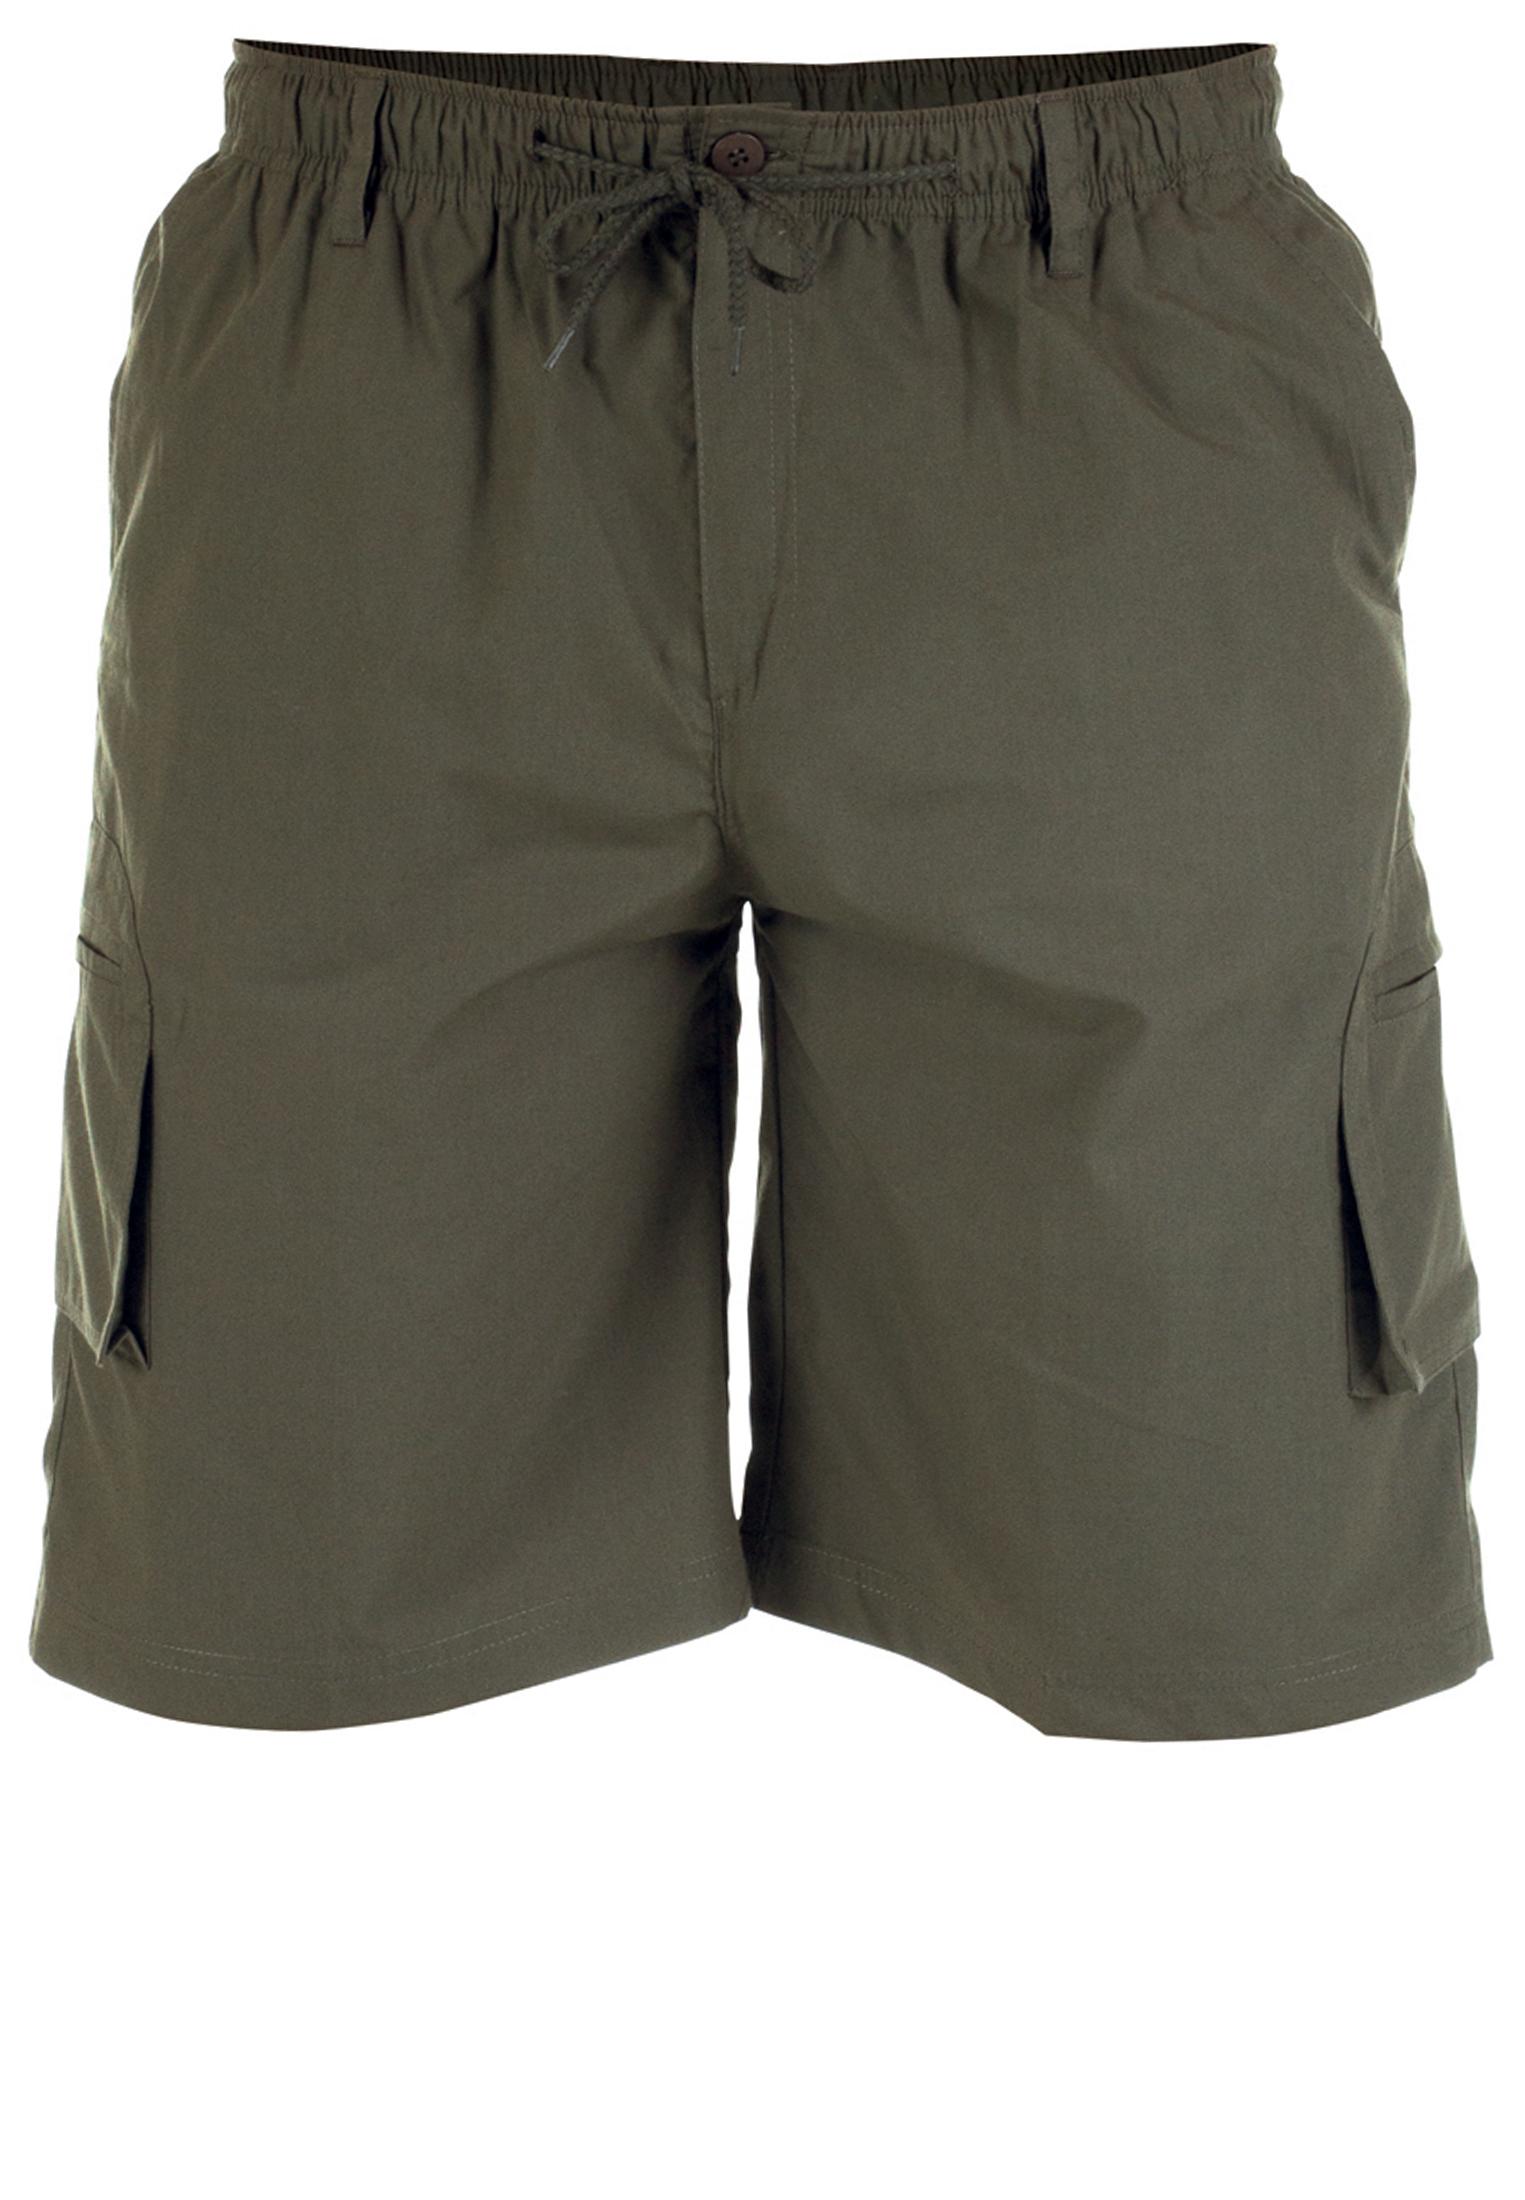 Praktische Khaki Cargo shorts van D555 met twee open steekzakken, twee zijzakken met ritssluiting. De shorts hebben een elastische band met een aantrektouwtje voor een optimaal draagcomfort. Een handige basic voor deze zomer!